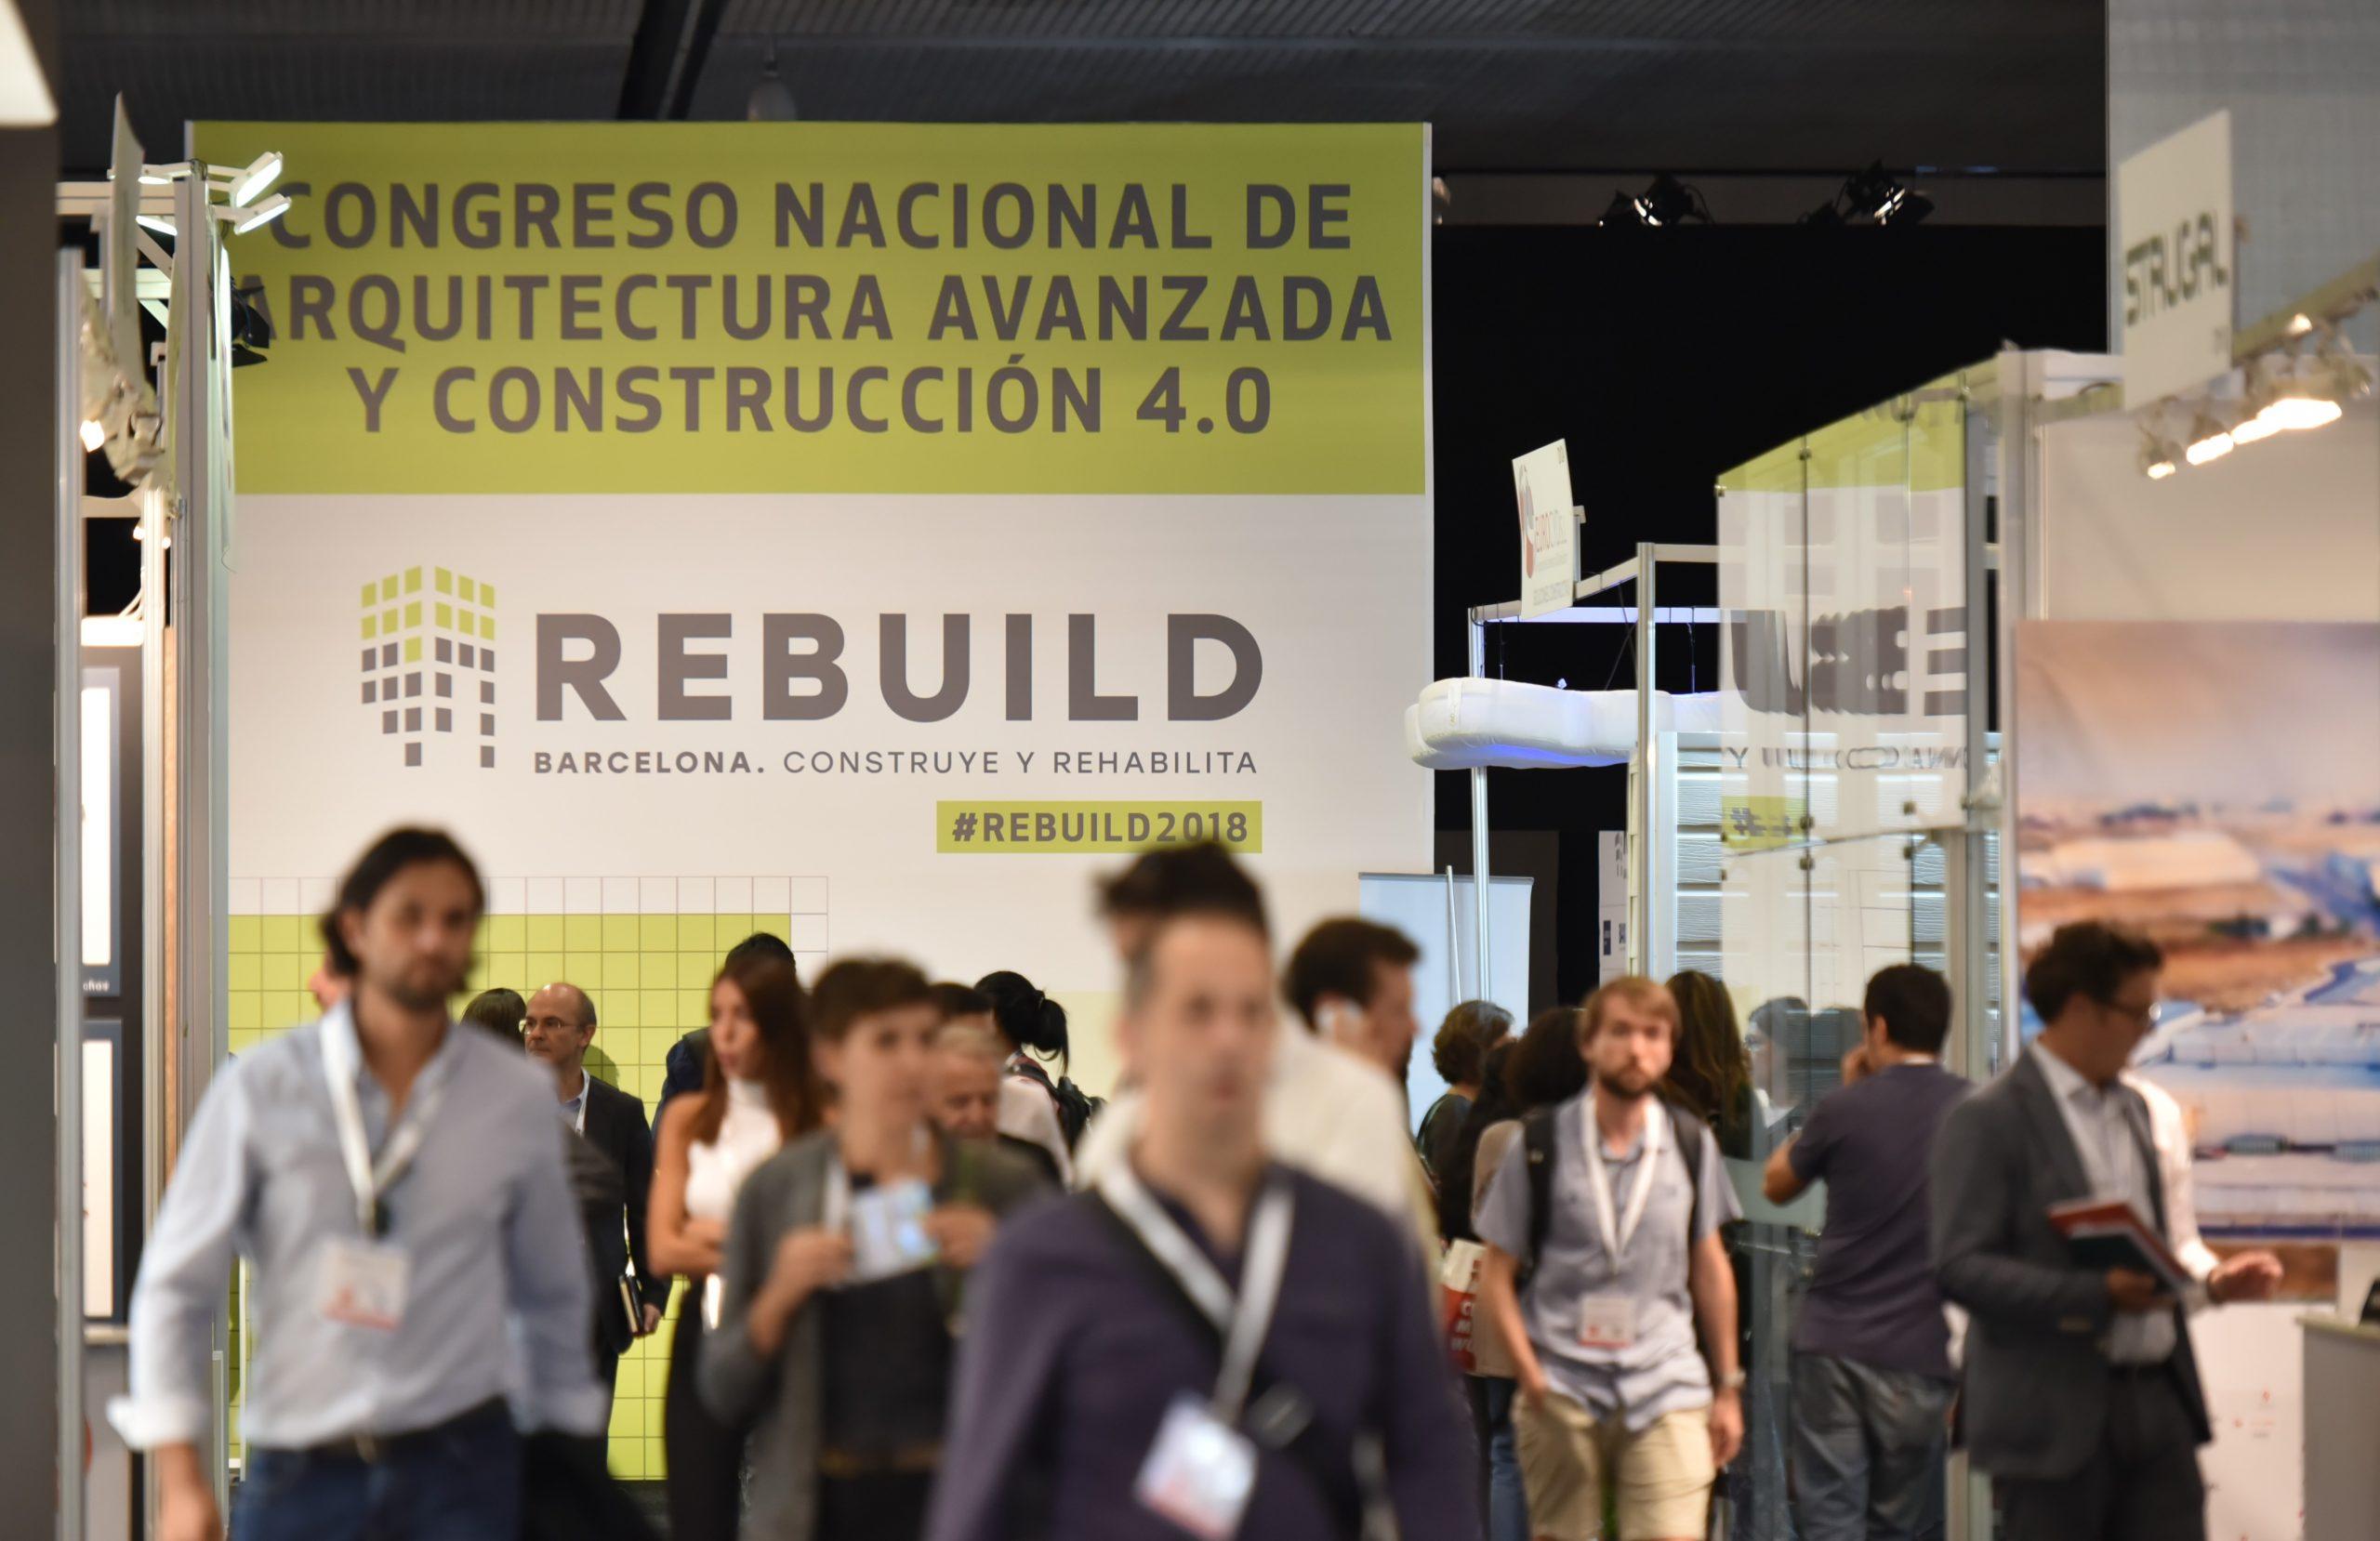 La sostenibilidad y la eficiencia energética, atributos inseparables de la edificación del futuro, serán protagonistas de REBUILD 2019